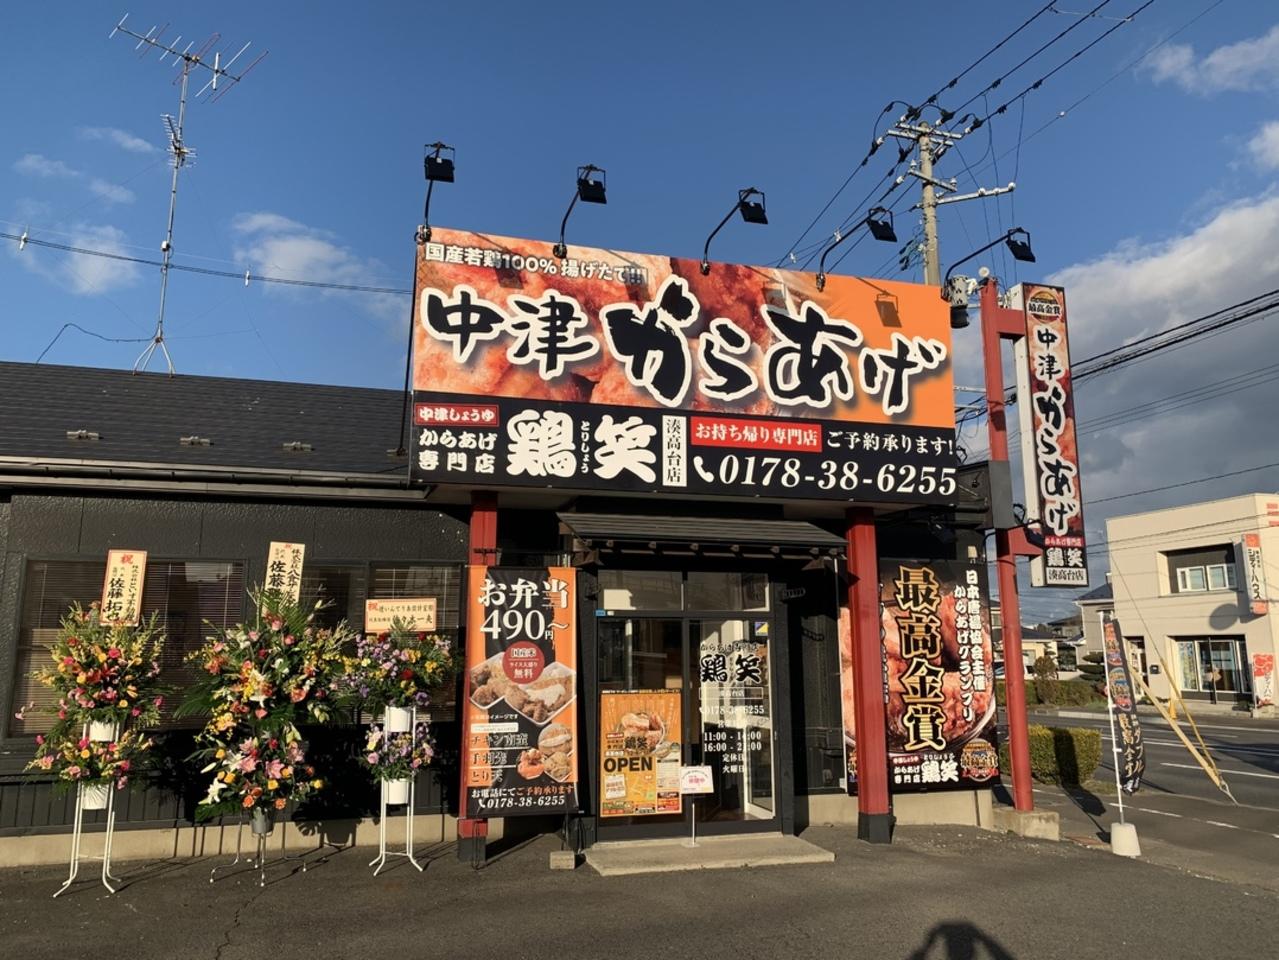 青森県八戸市 『鶏笑 湊高台店』 本日12月6日 グランドオープン!